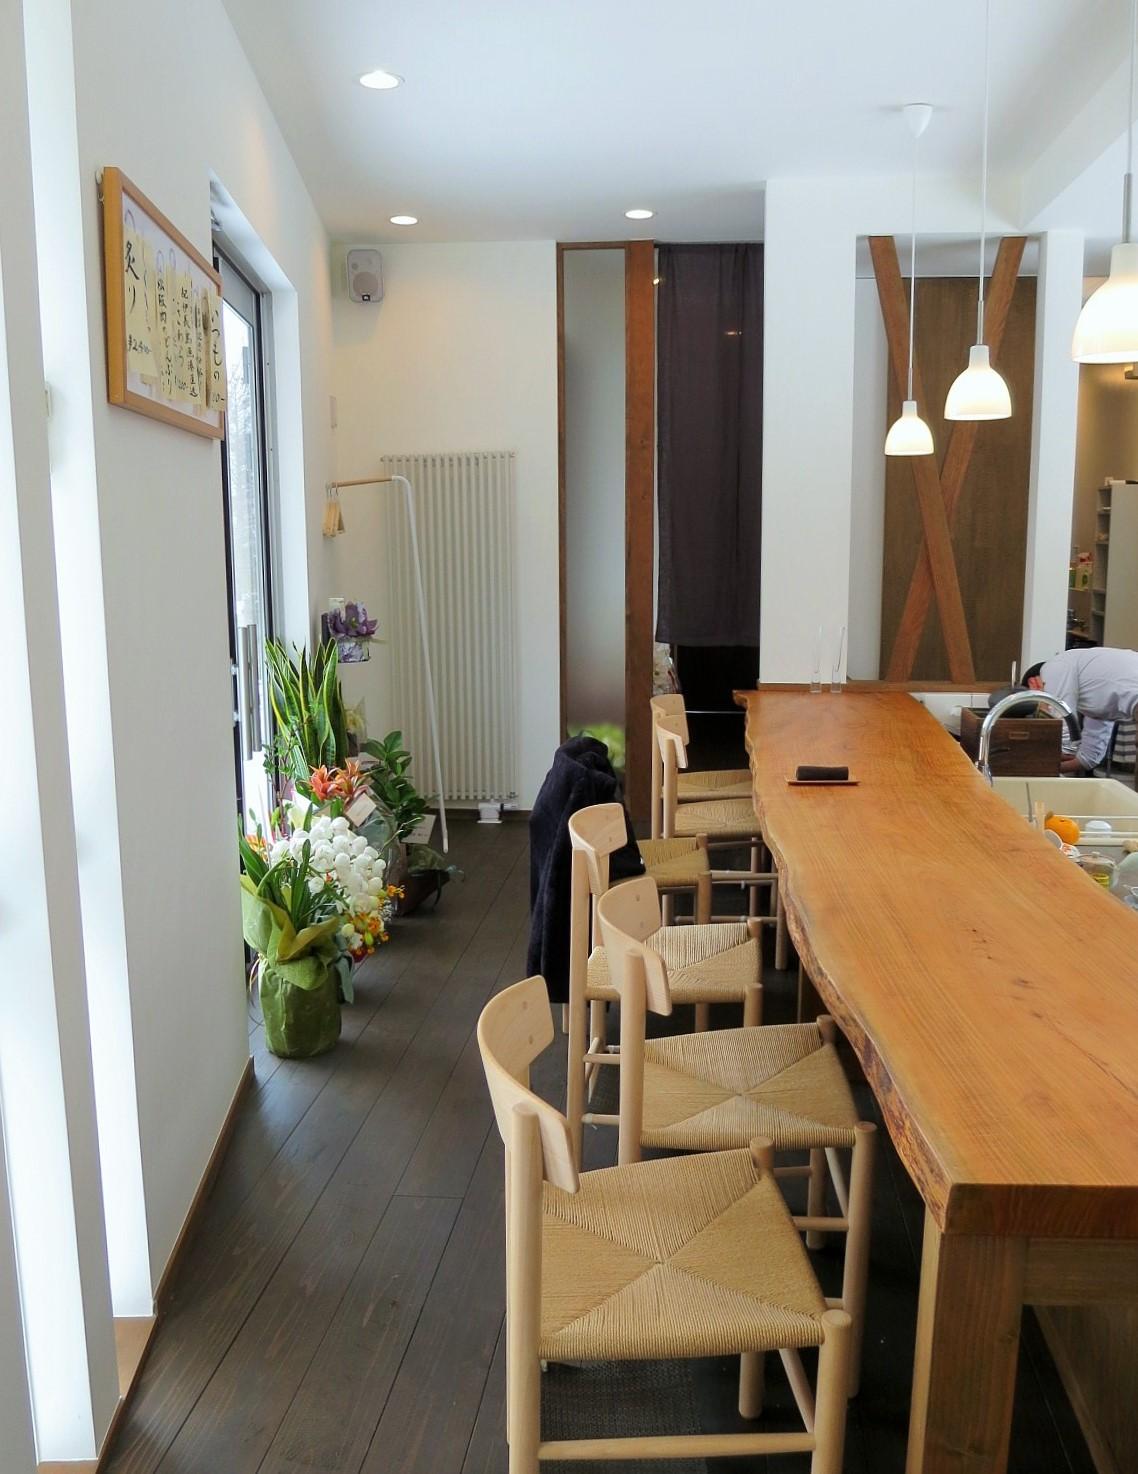 朝食&ブランチ☆食堂 takizawa NEW OPEN!@追分_f0236260_1831110.jpg